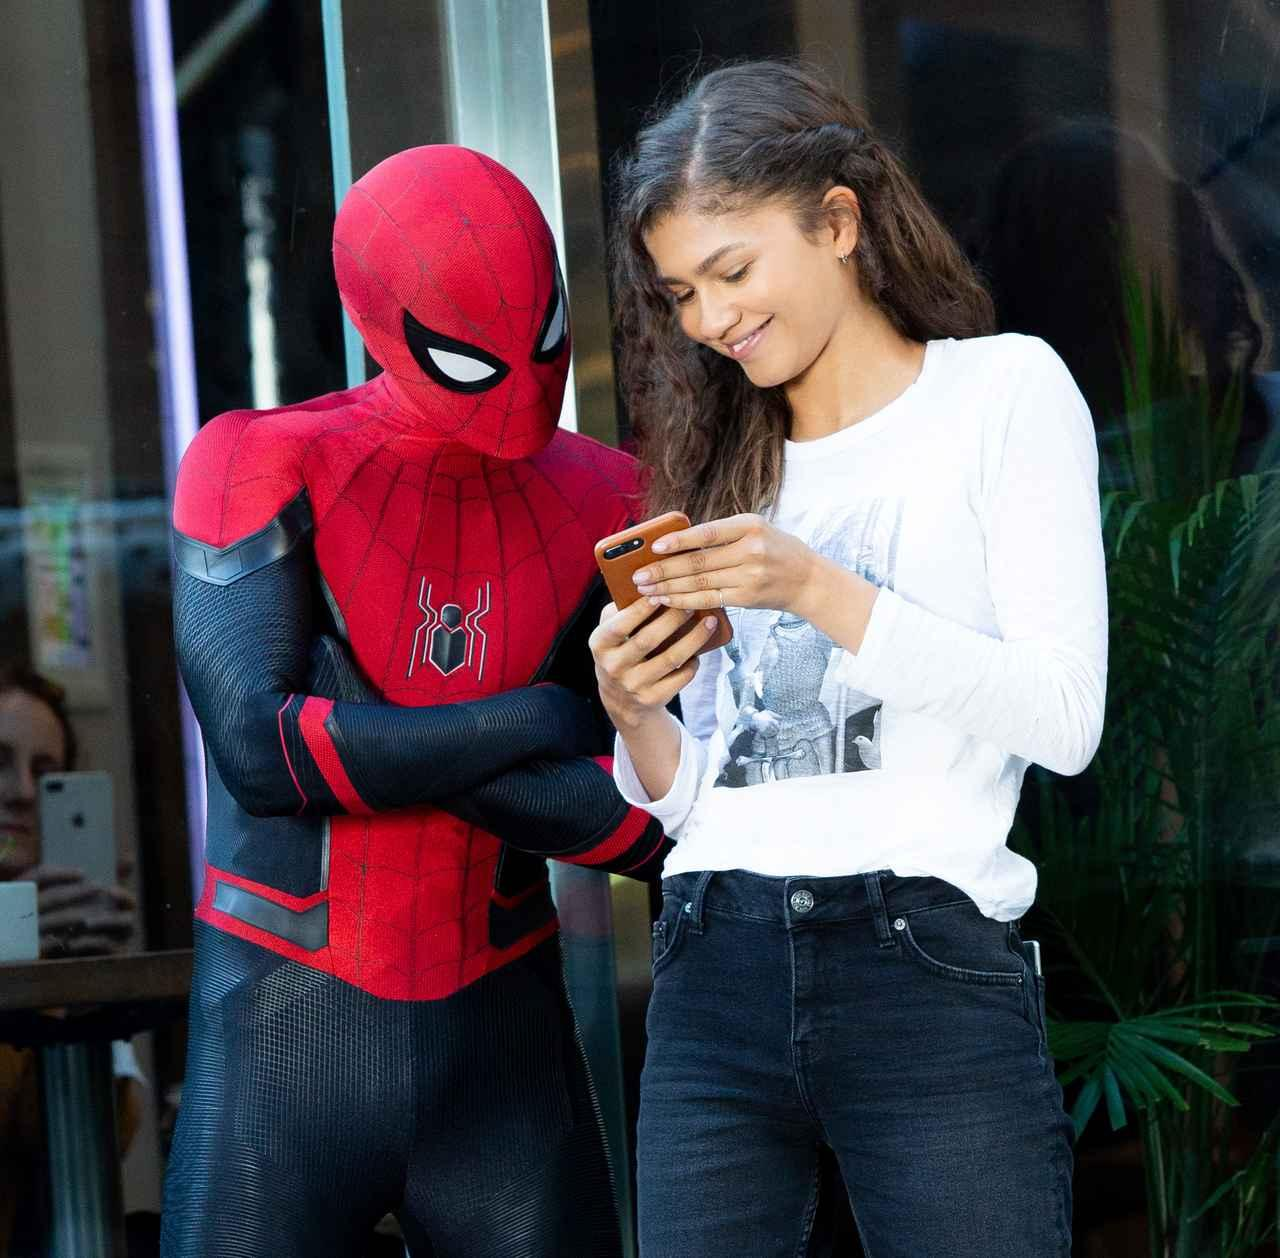 画像3: 『スパイダーマン』撮影中にゼンデイヤがスパイダーマンにしがみつき空中を舞う